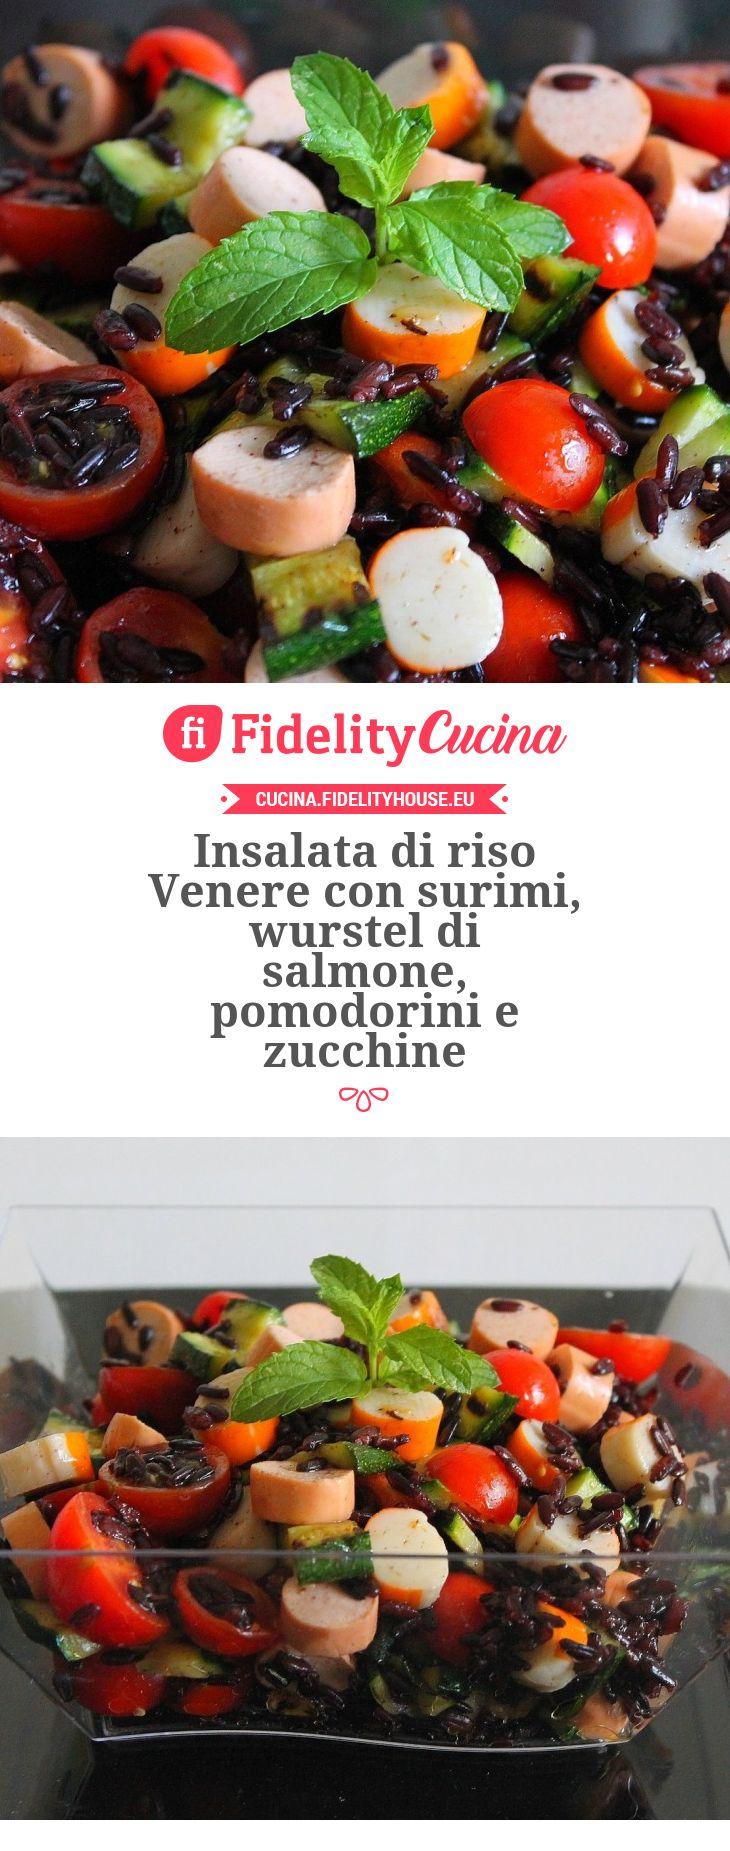 Insalata di riso Venere con surimi, wurstel di salmone, pomodorini e zucchine